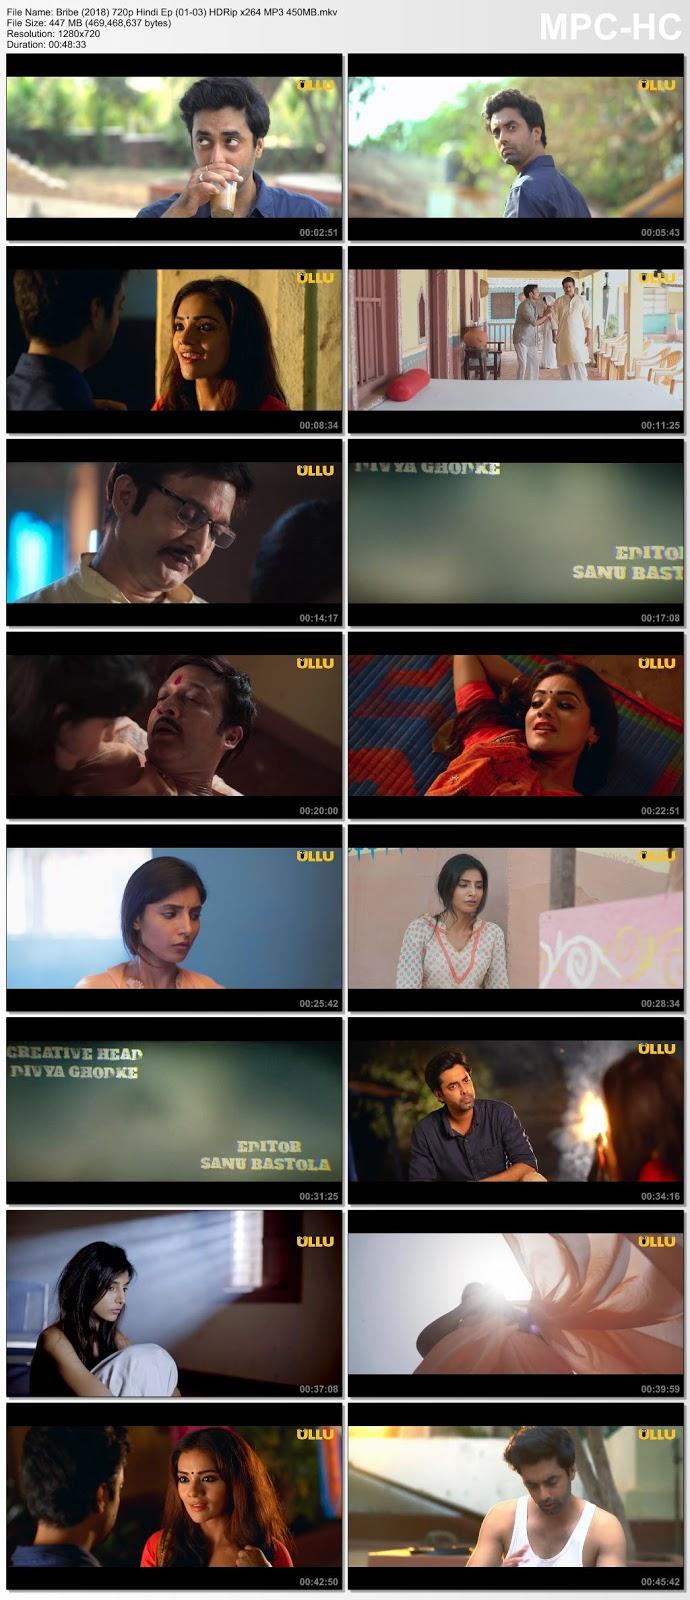 [18+] Bribe (2018) Ullu Originals 720p Hindi Ep (01-03) HDRip – 450MB Desirehub